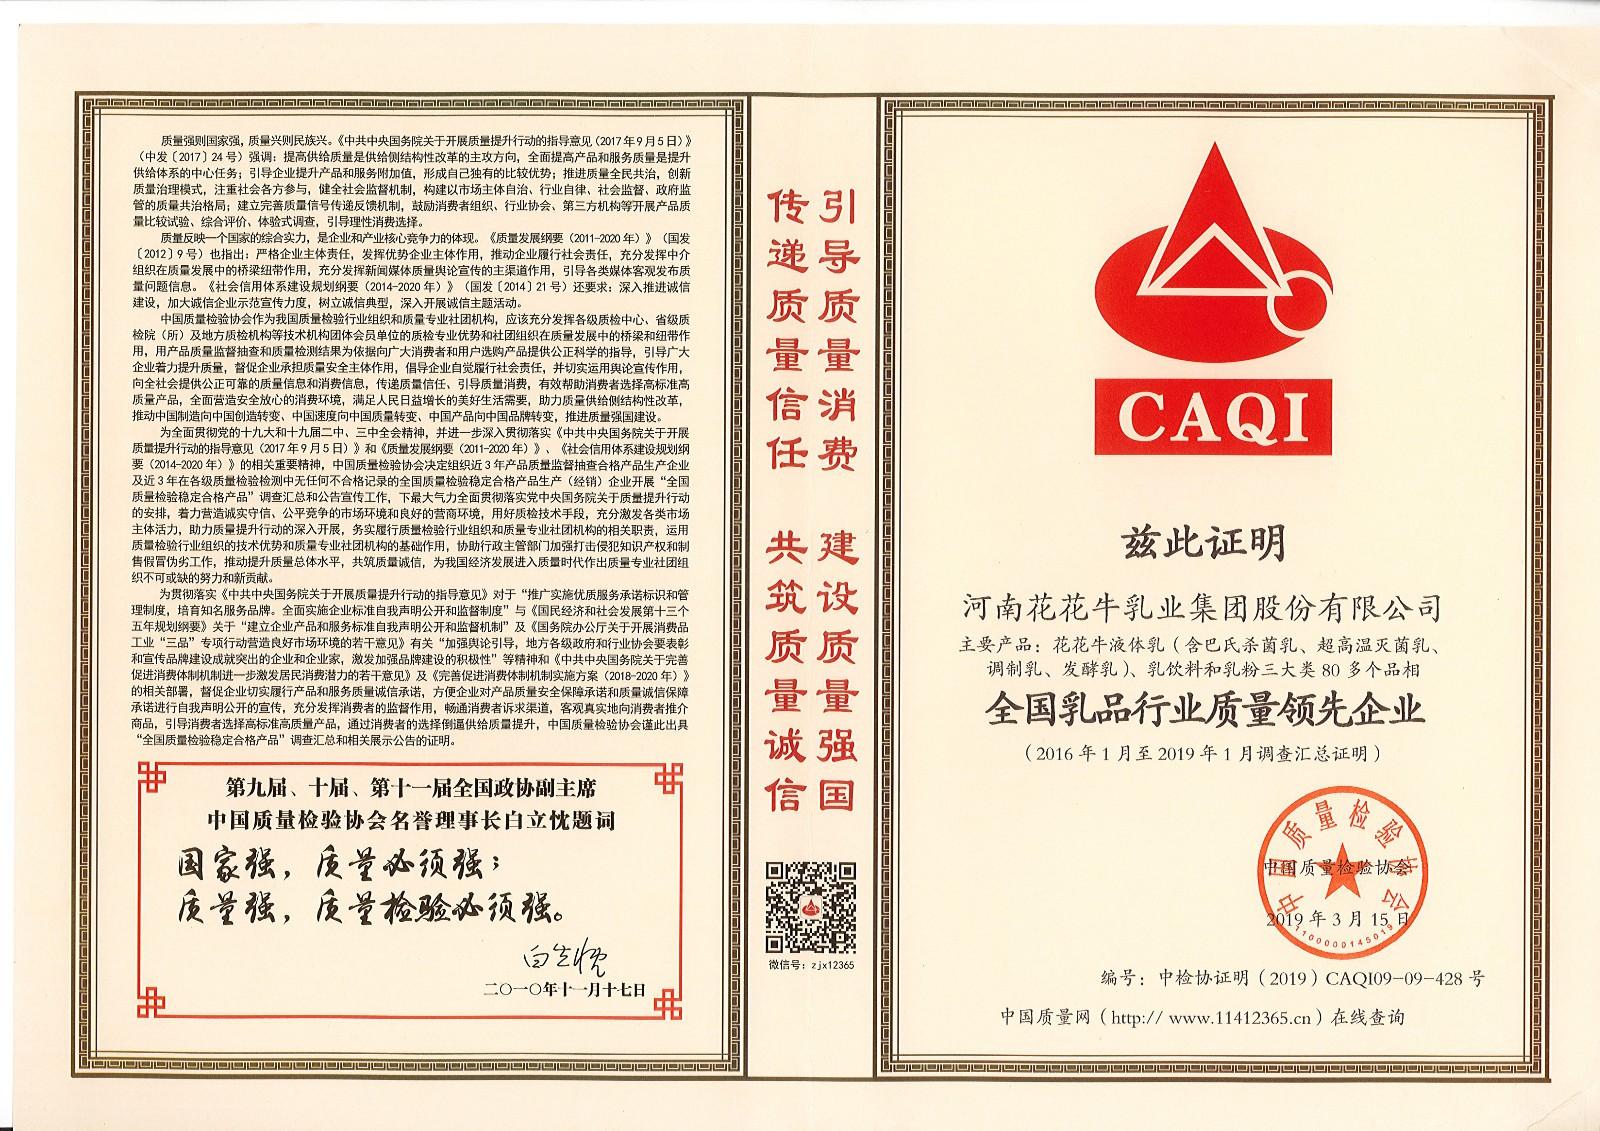 全国乳品行业质量领先企业